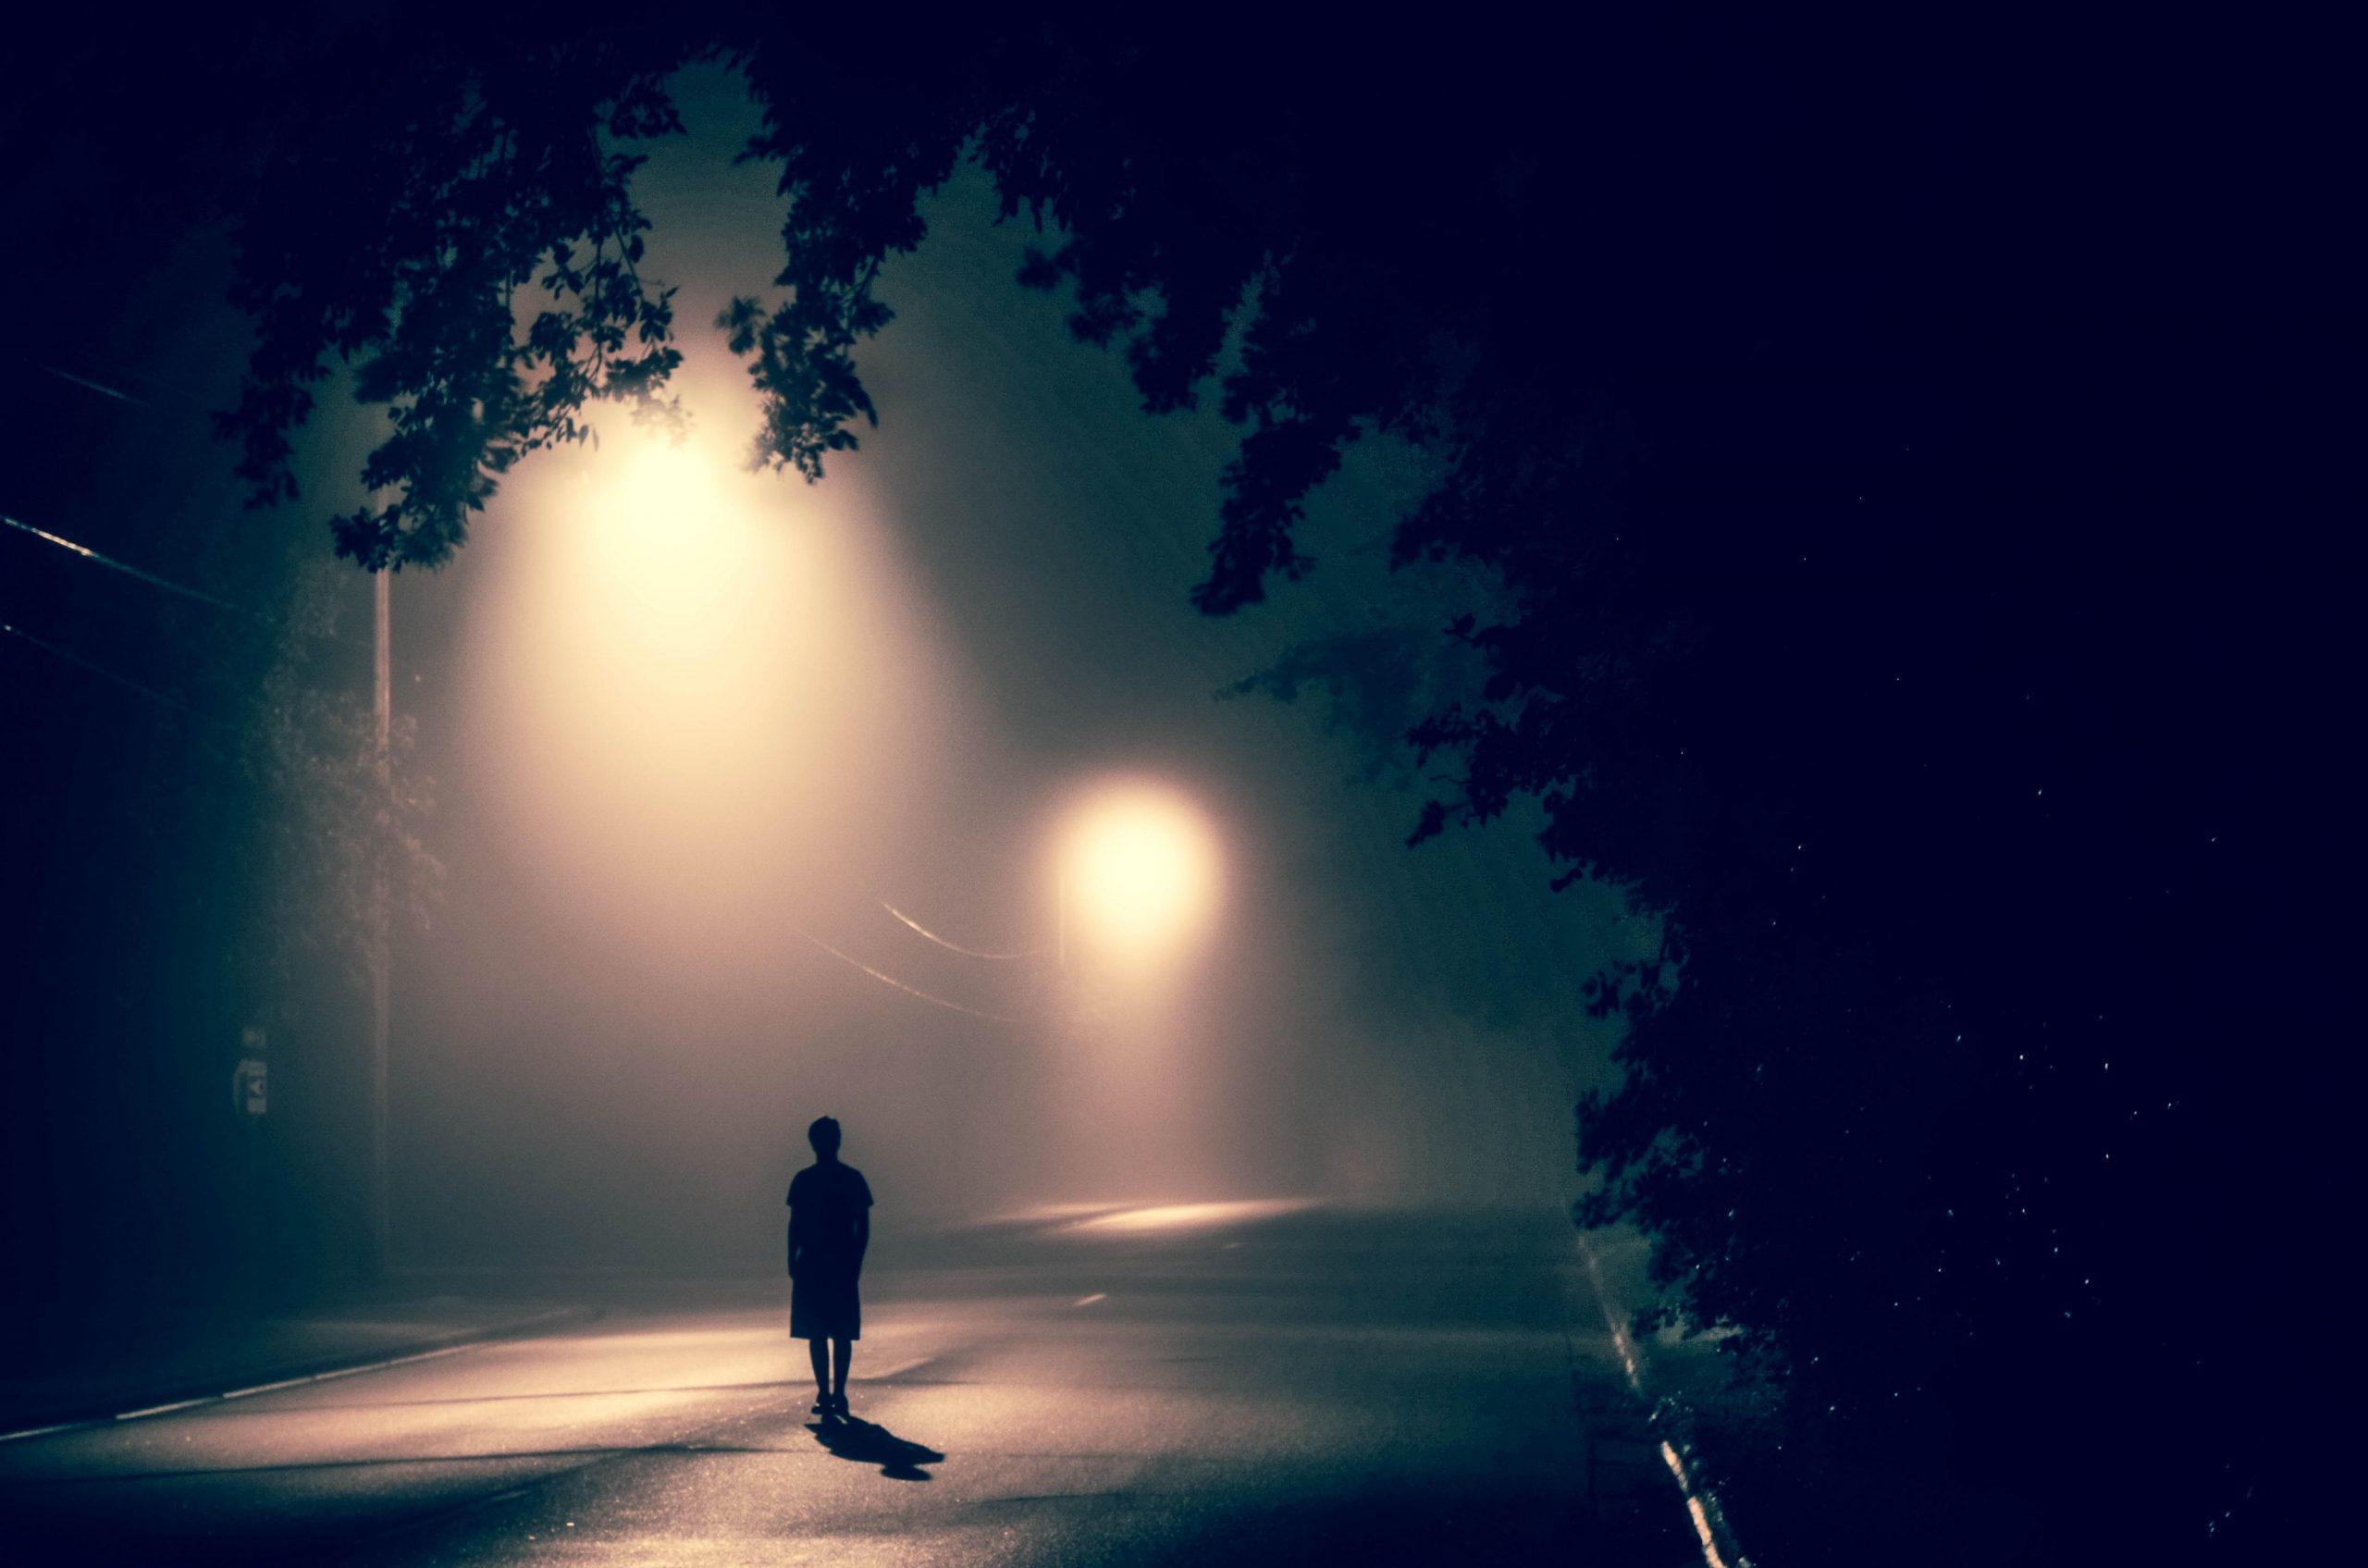 孤独を引き受ける勇気